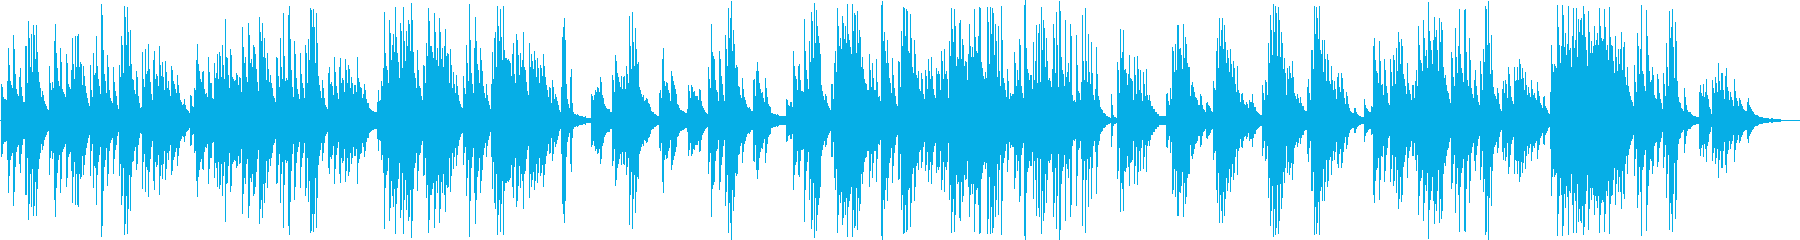 ゆったりと静かなピアノバラードの再生済みの波形